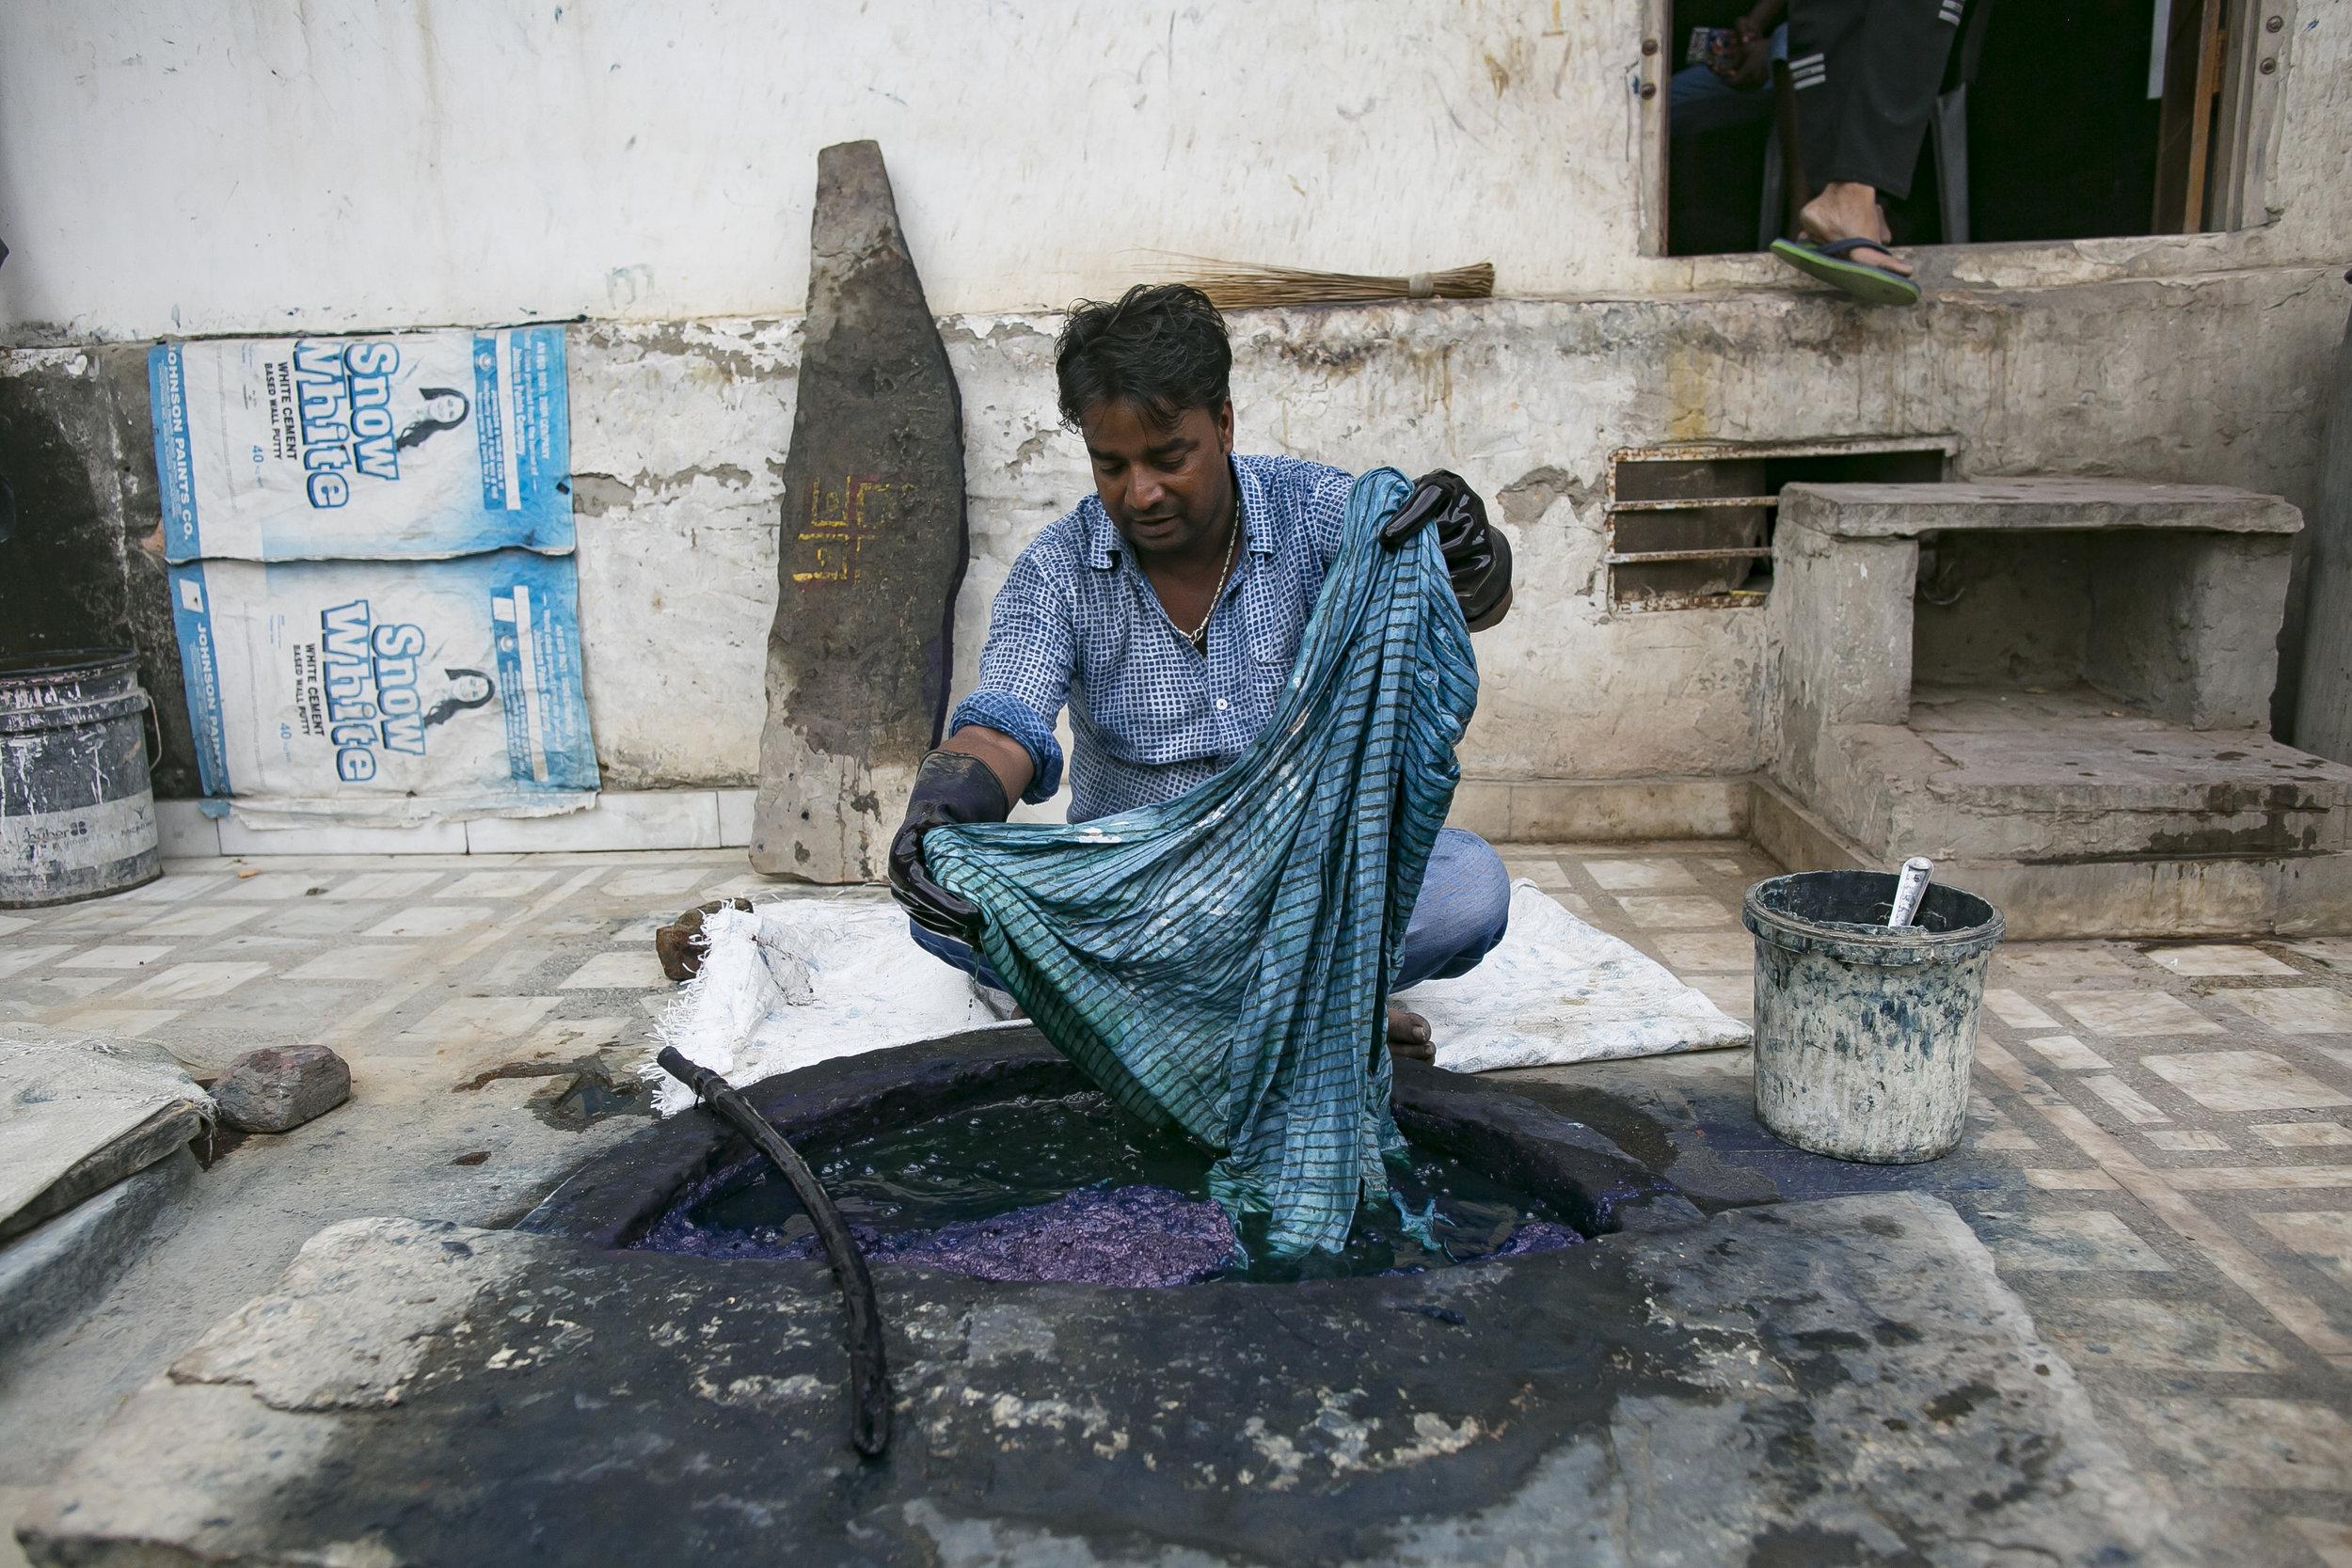 - Govind dyeing textiles in his shop in Jaipur. Credit: Traidcraft Exchange/Allison Joyce